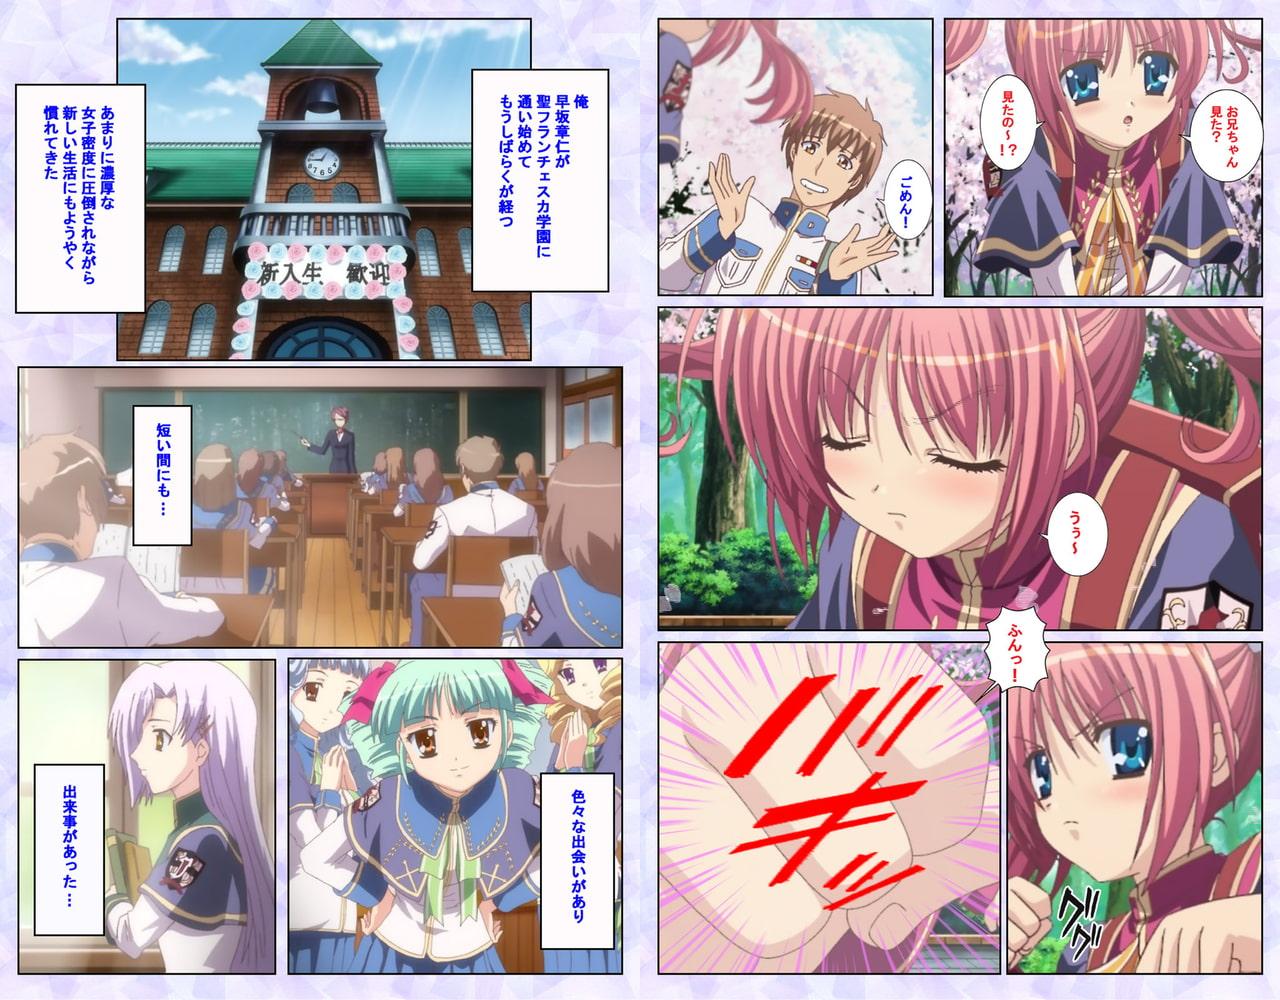 【フルカラー成人版】春恋乙女 ~乙女の園で逢いましょう。~ 完全版